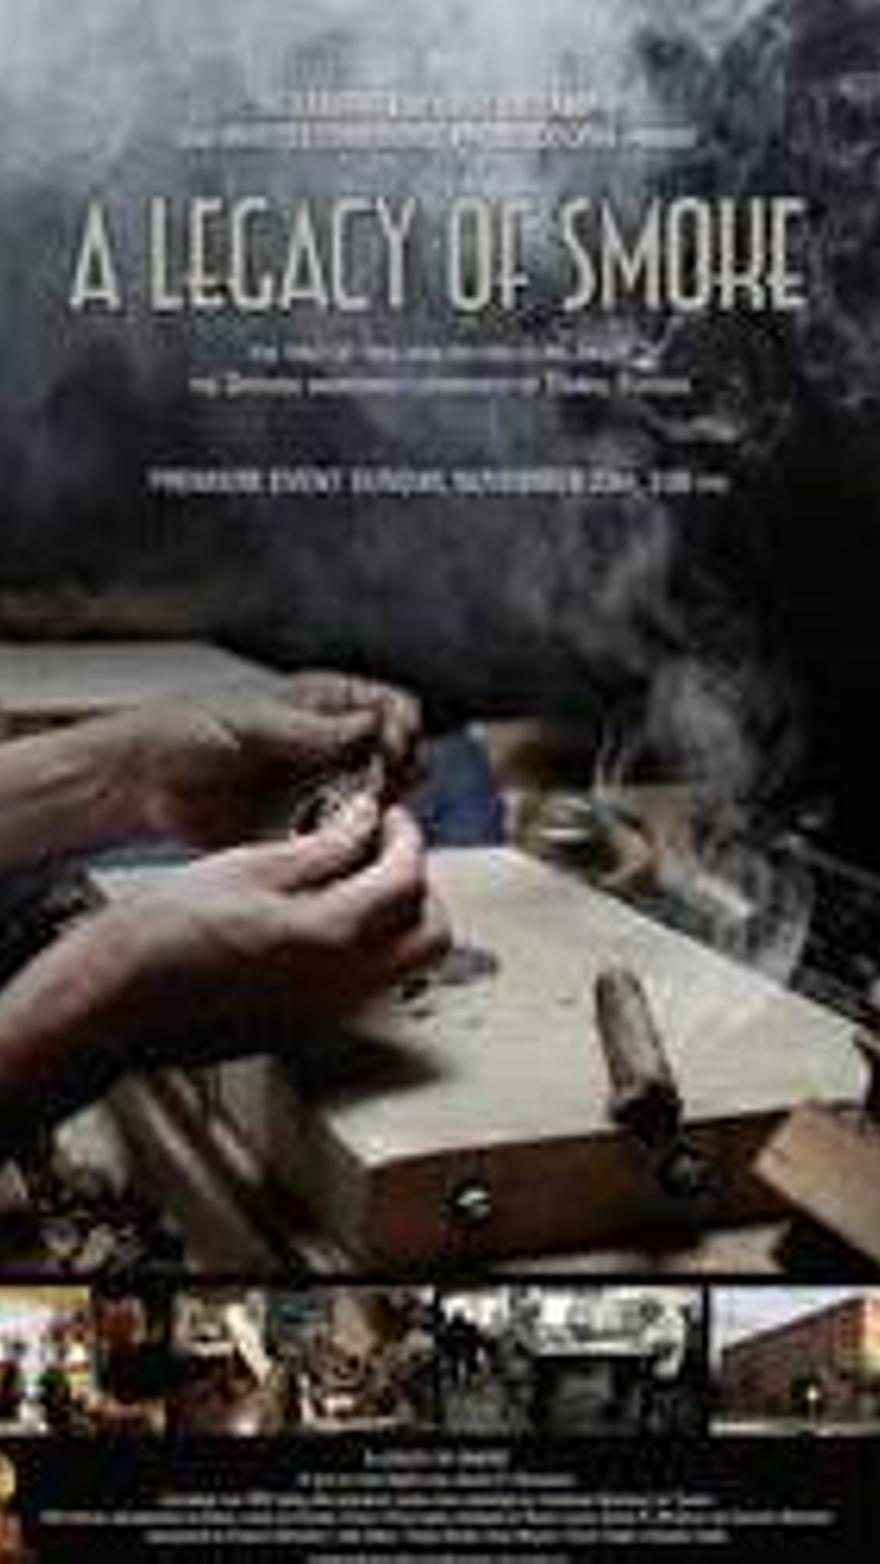 Un legado de humo